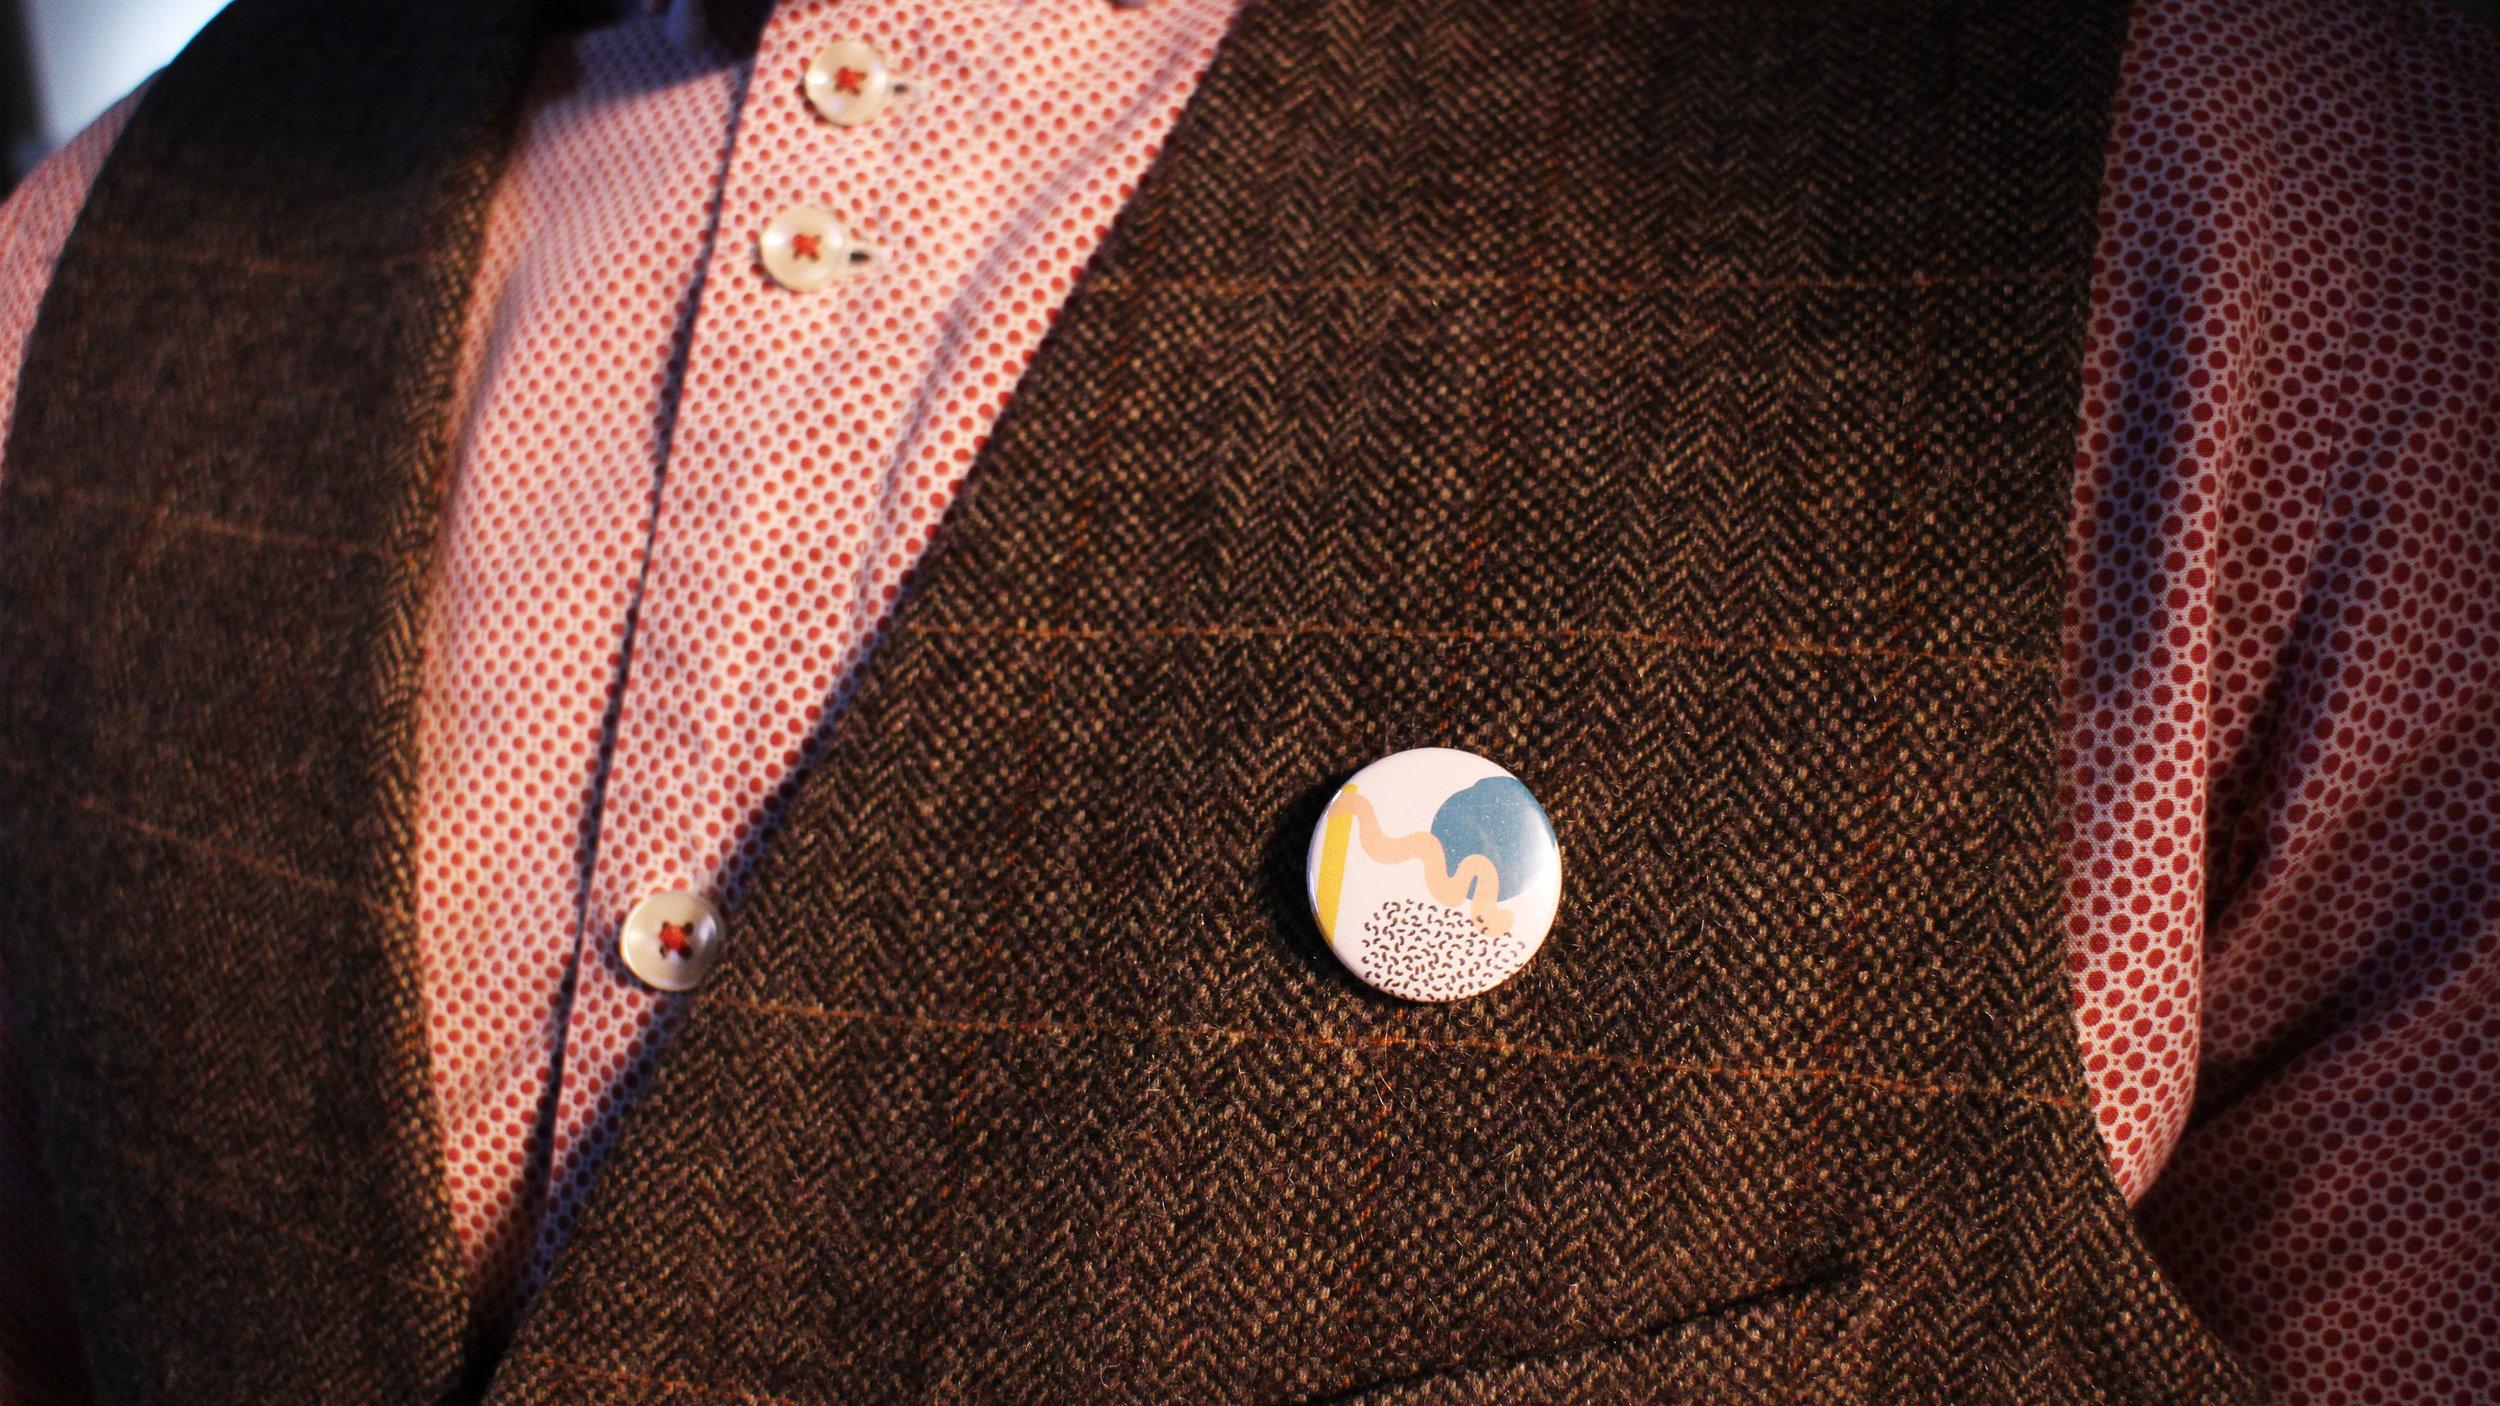 Personalised pins